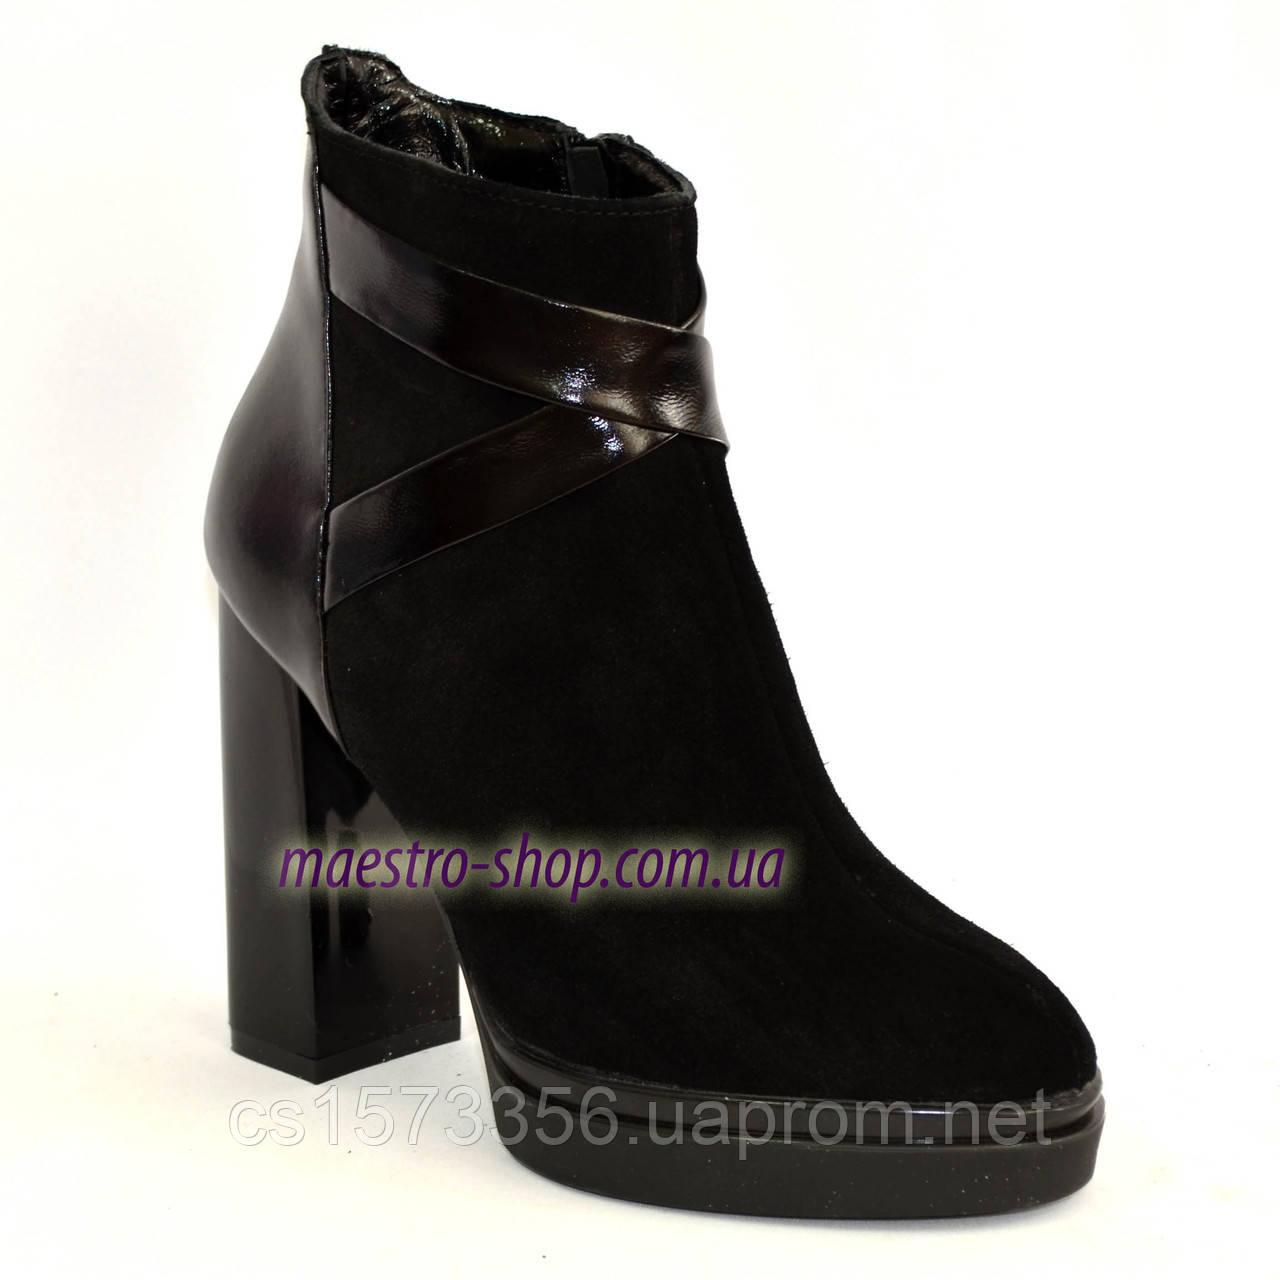 Женские классические ботинки на высоком каблуке, зимний вариант